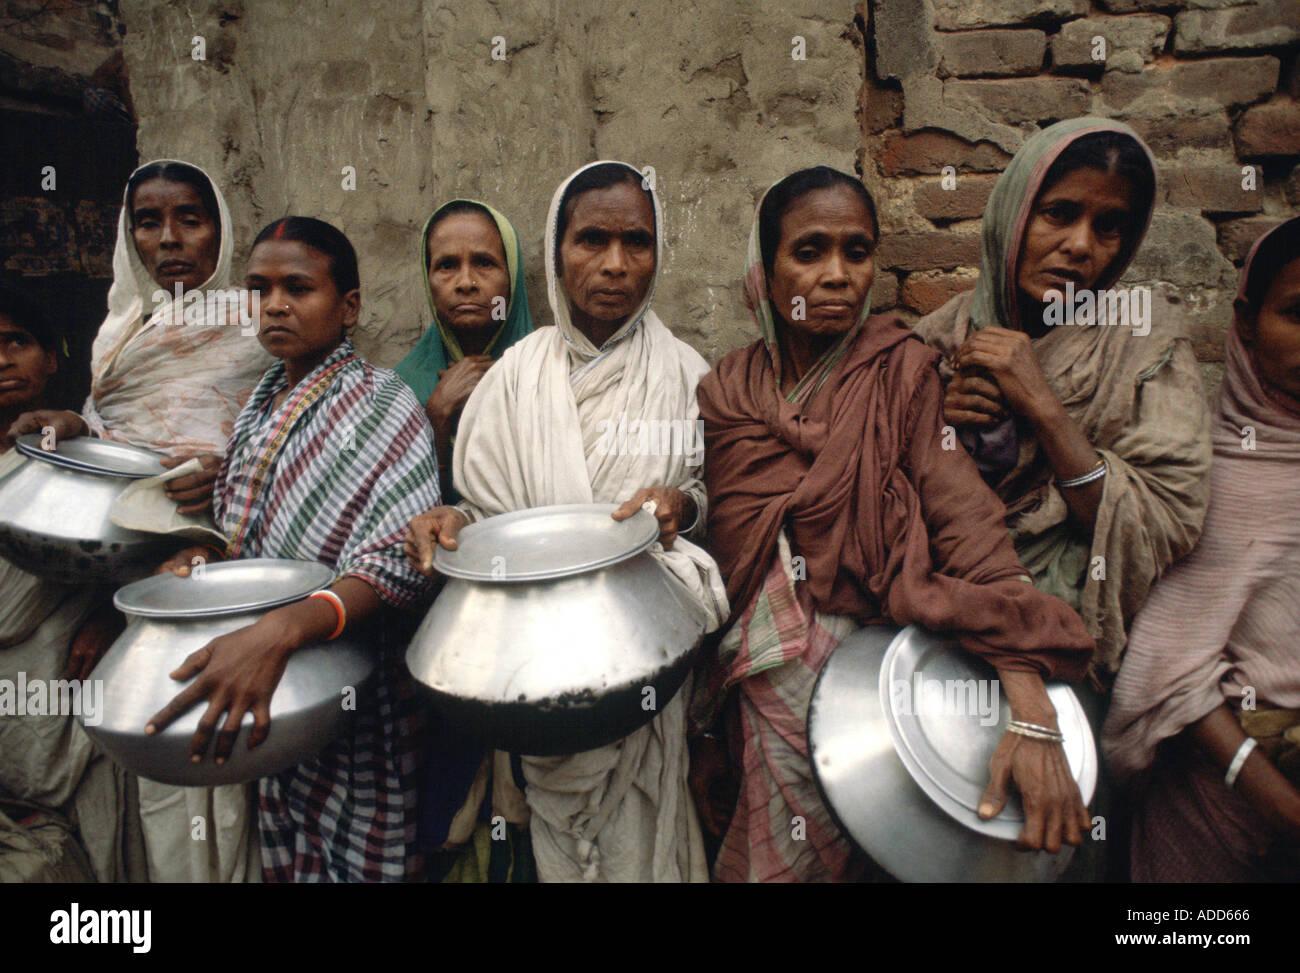 Arme Menschen mit Töpfen Schlangestehen für Lebensmittel für ihre Familie bei Mutter Teresa s Mission Kalkutta Indien Stockfoto